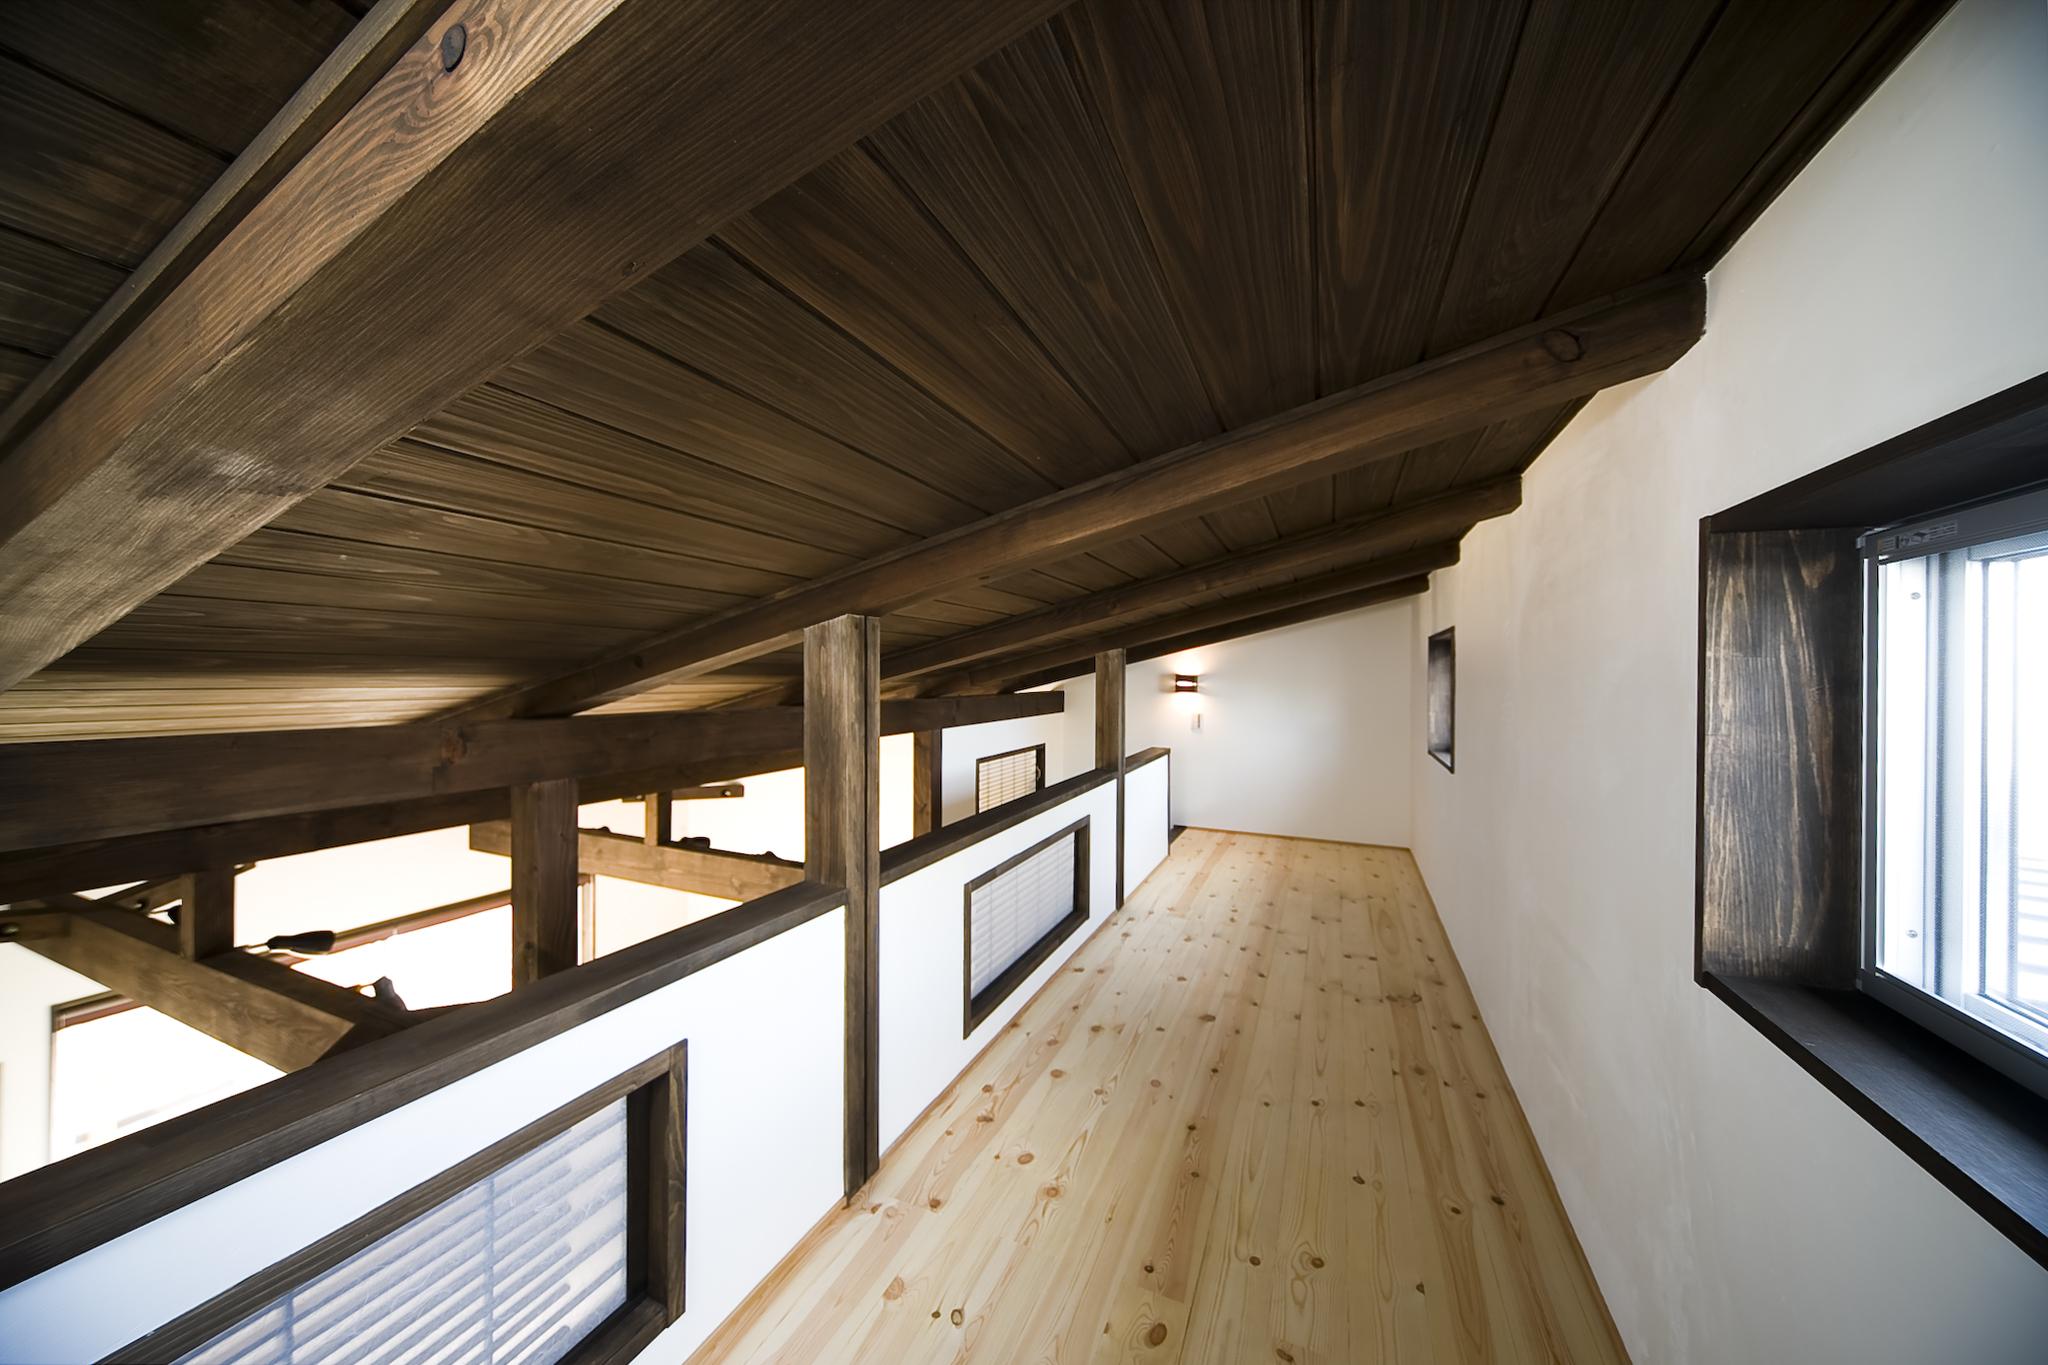 愛知の建築実例:内装 和モダンの梁の現し、天井裏も濃い目の色の無垢材で統一